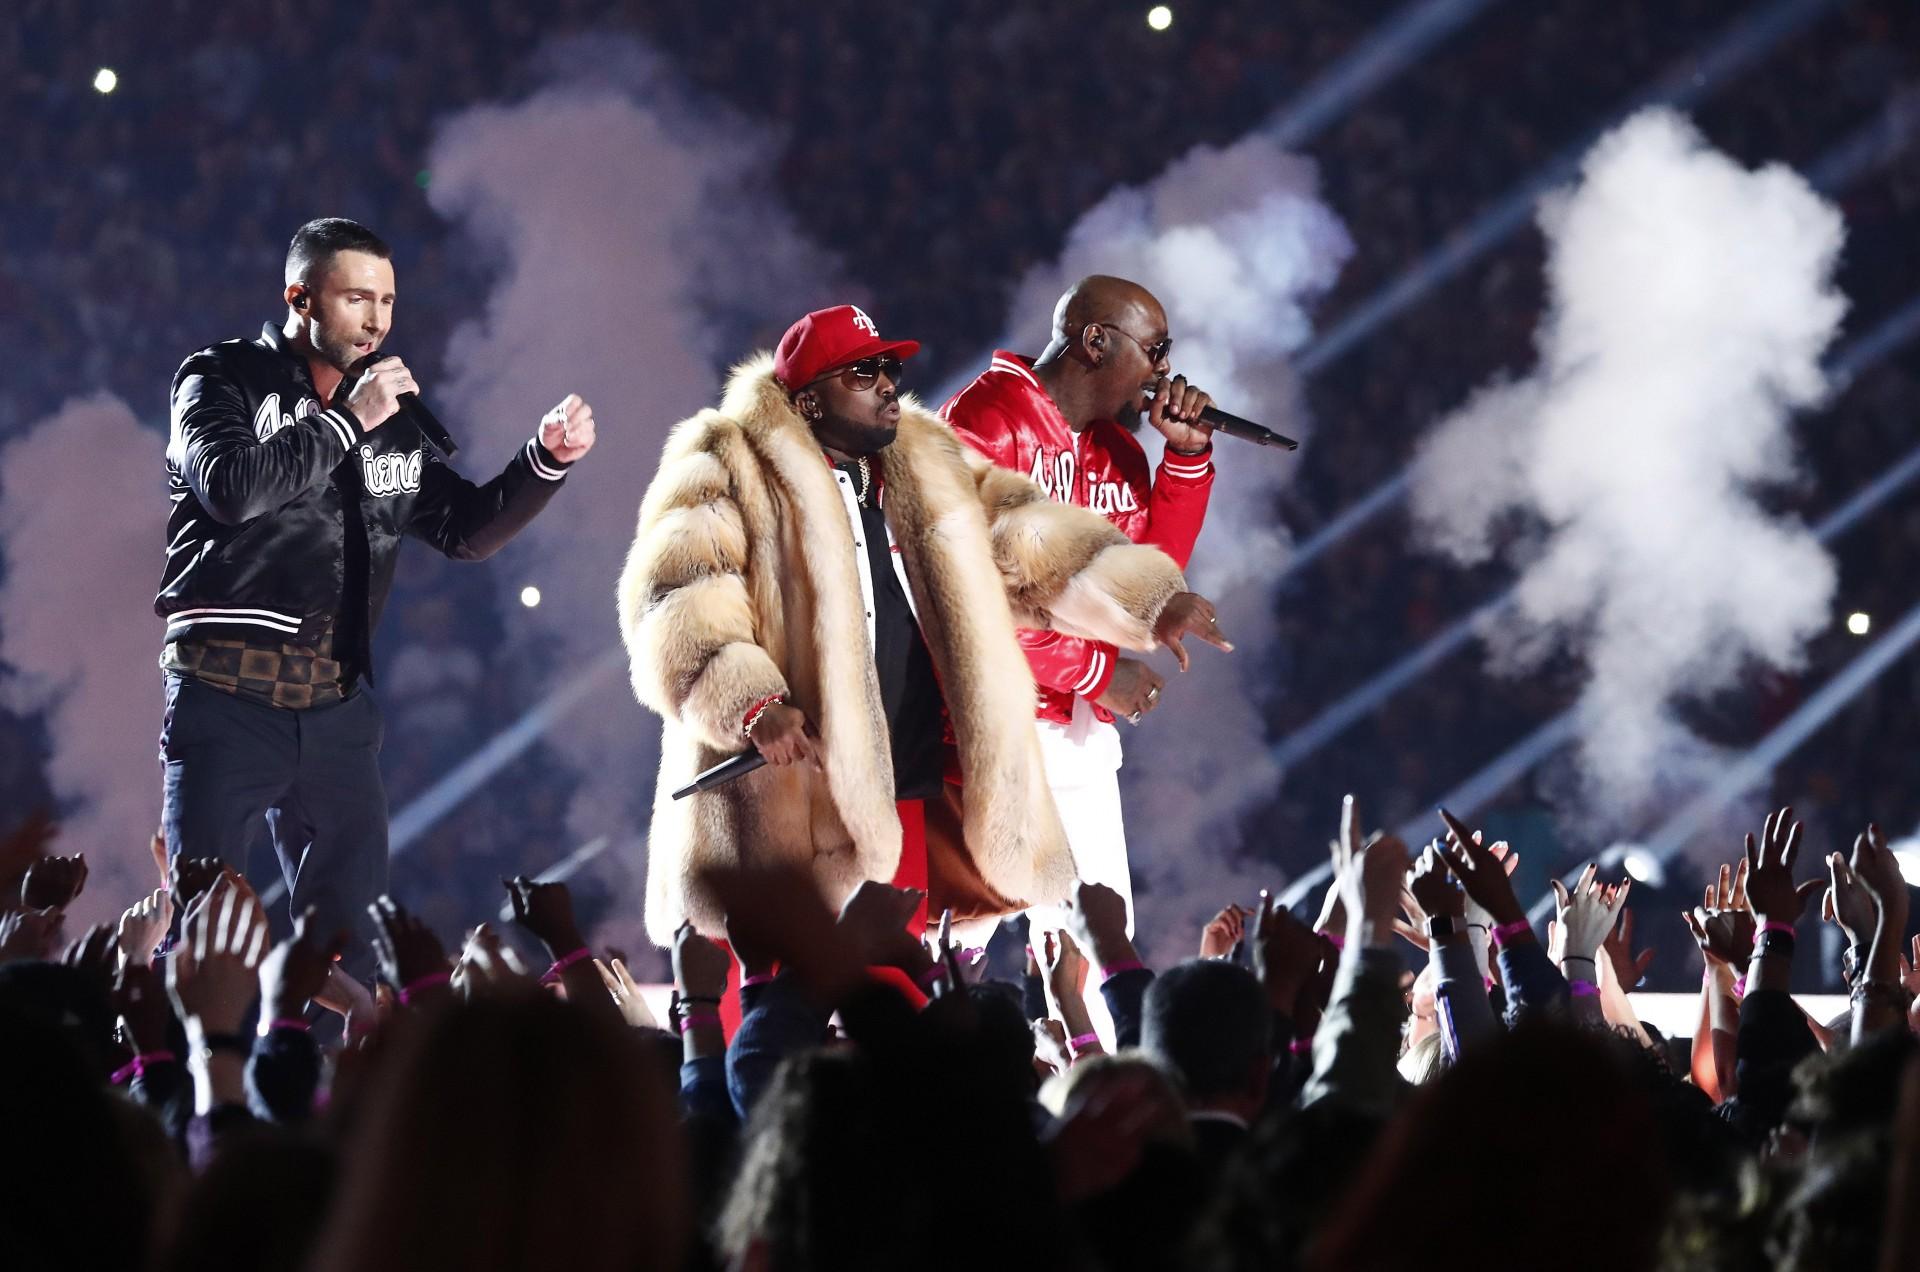 El rapero Big Boi, Adam Levine de Maroon 5 y Sleppy Brown durante el medio tiempo.